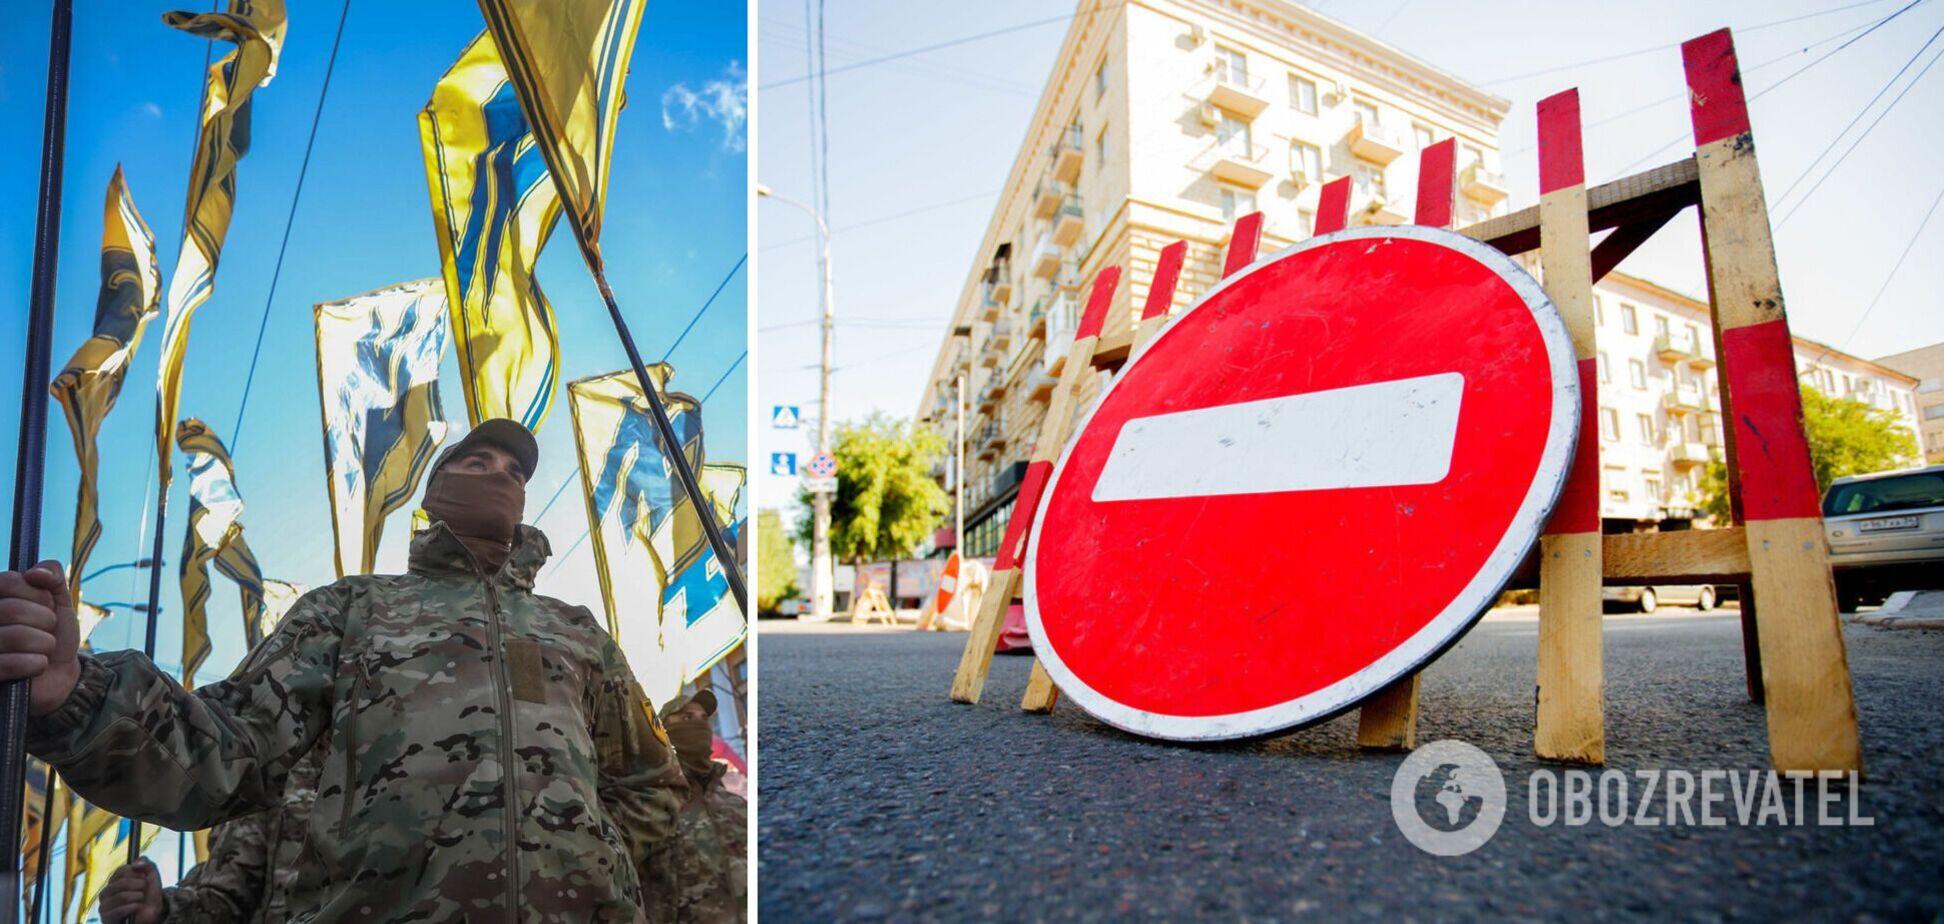 У Києві 14 жовтня перекриють низку вулиць: де не проїхати. Карта